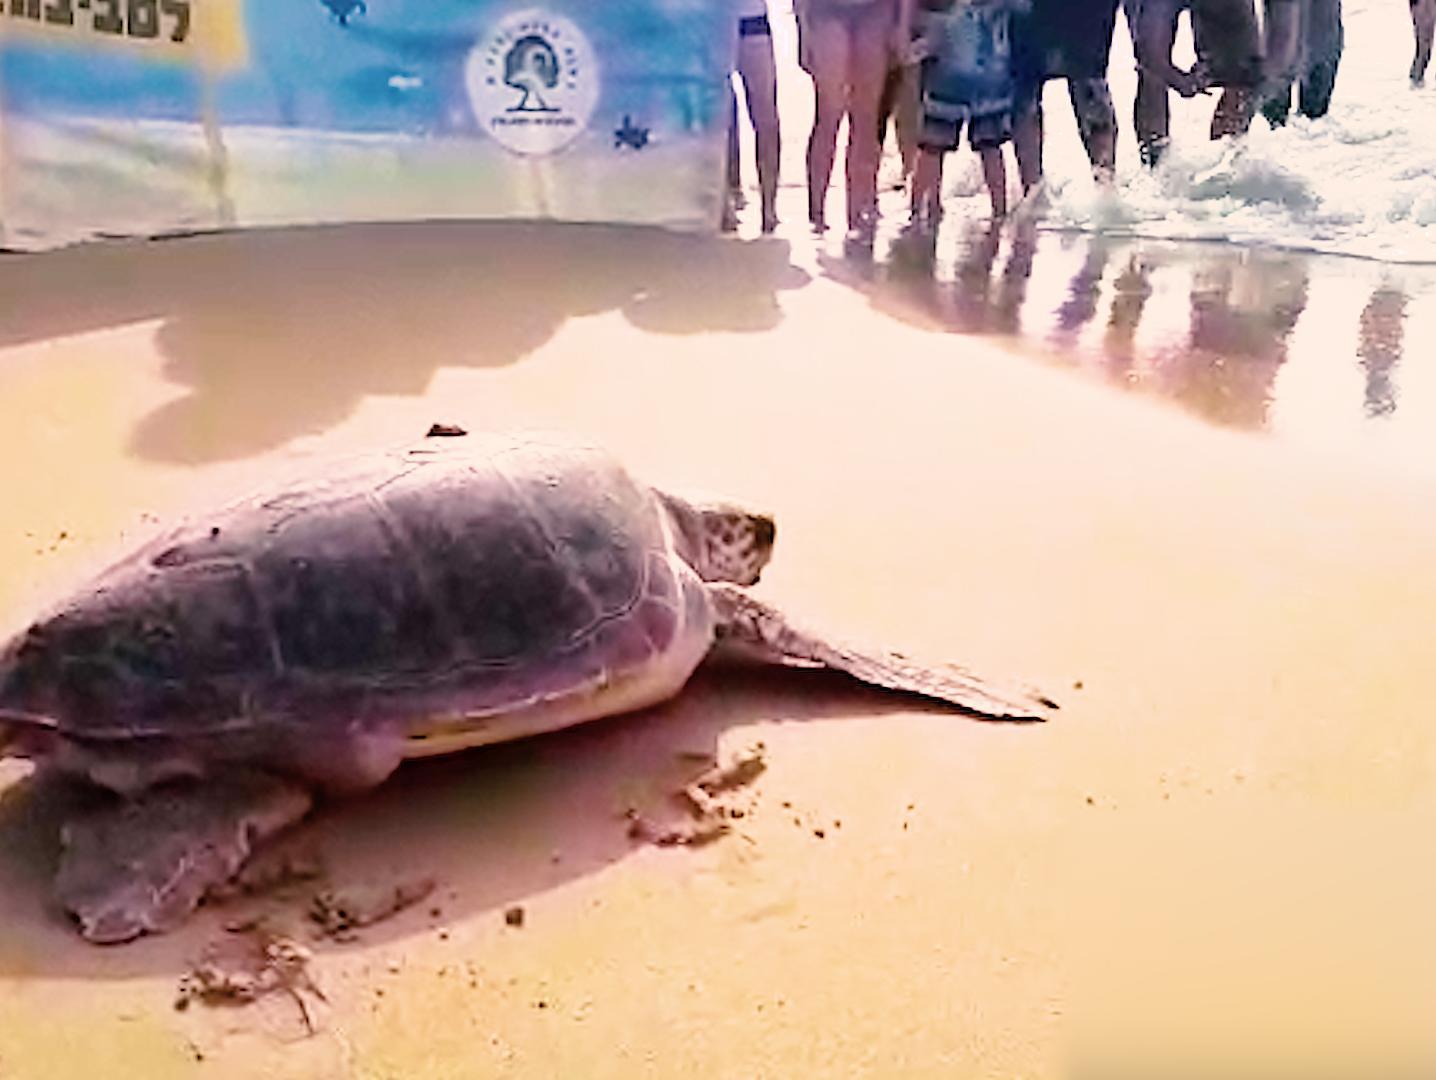 קרסי דיג בעיכול, נמק בגפיים וטיפול נמרץ: הטרגדיה של צבי הים בישראל